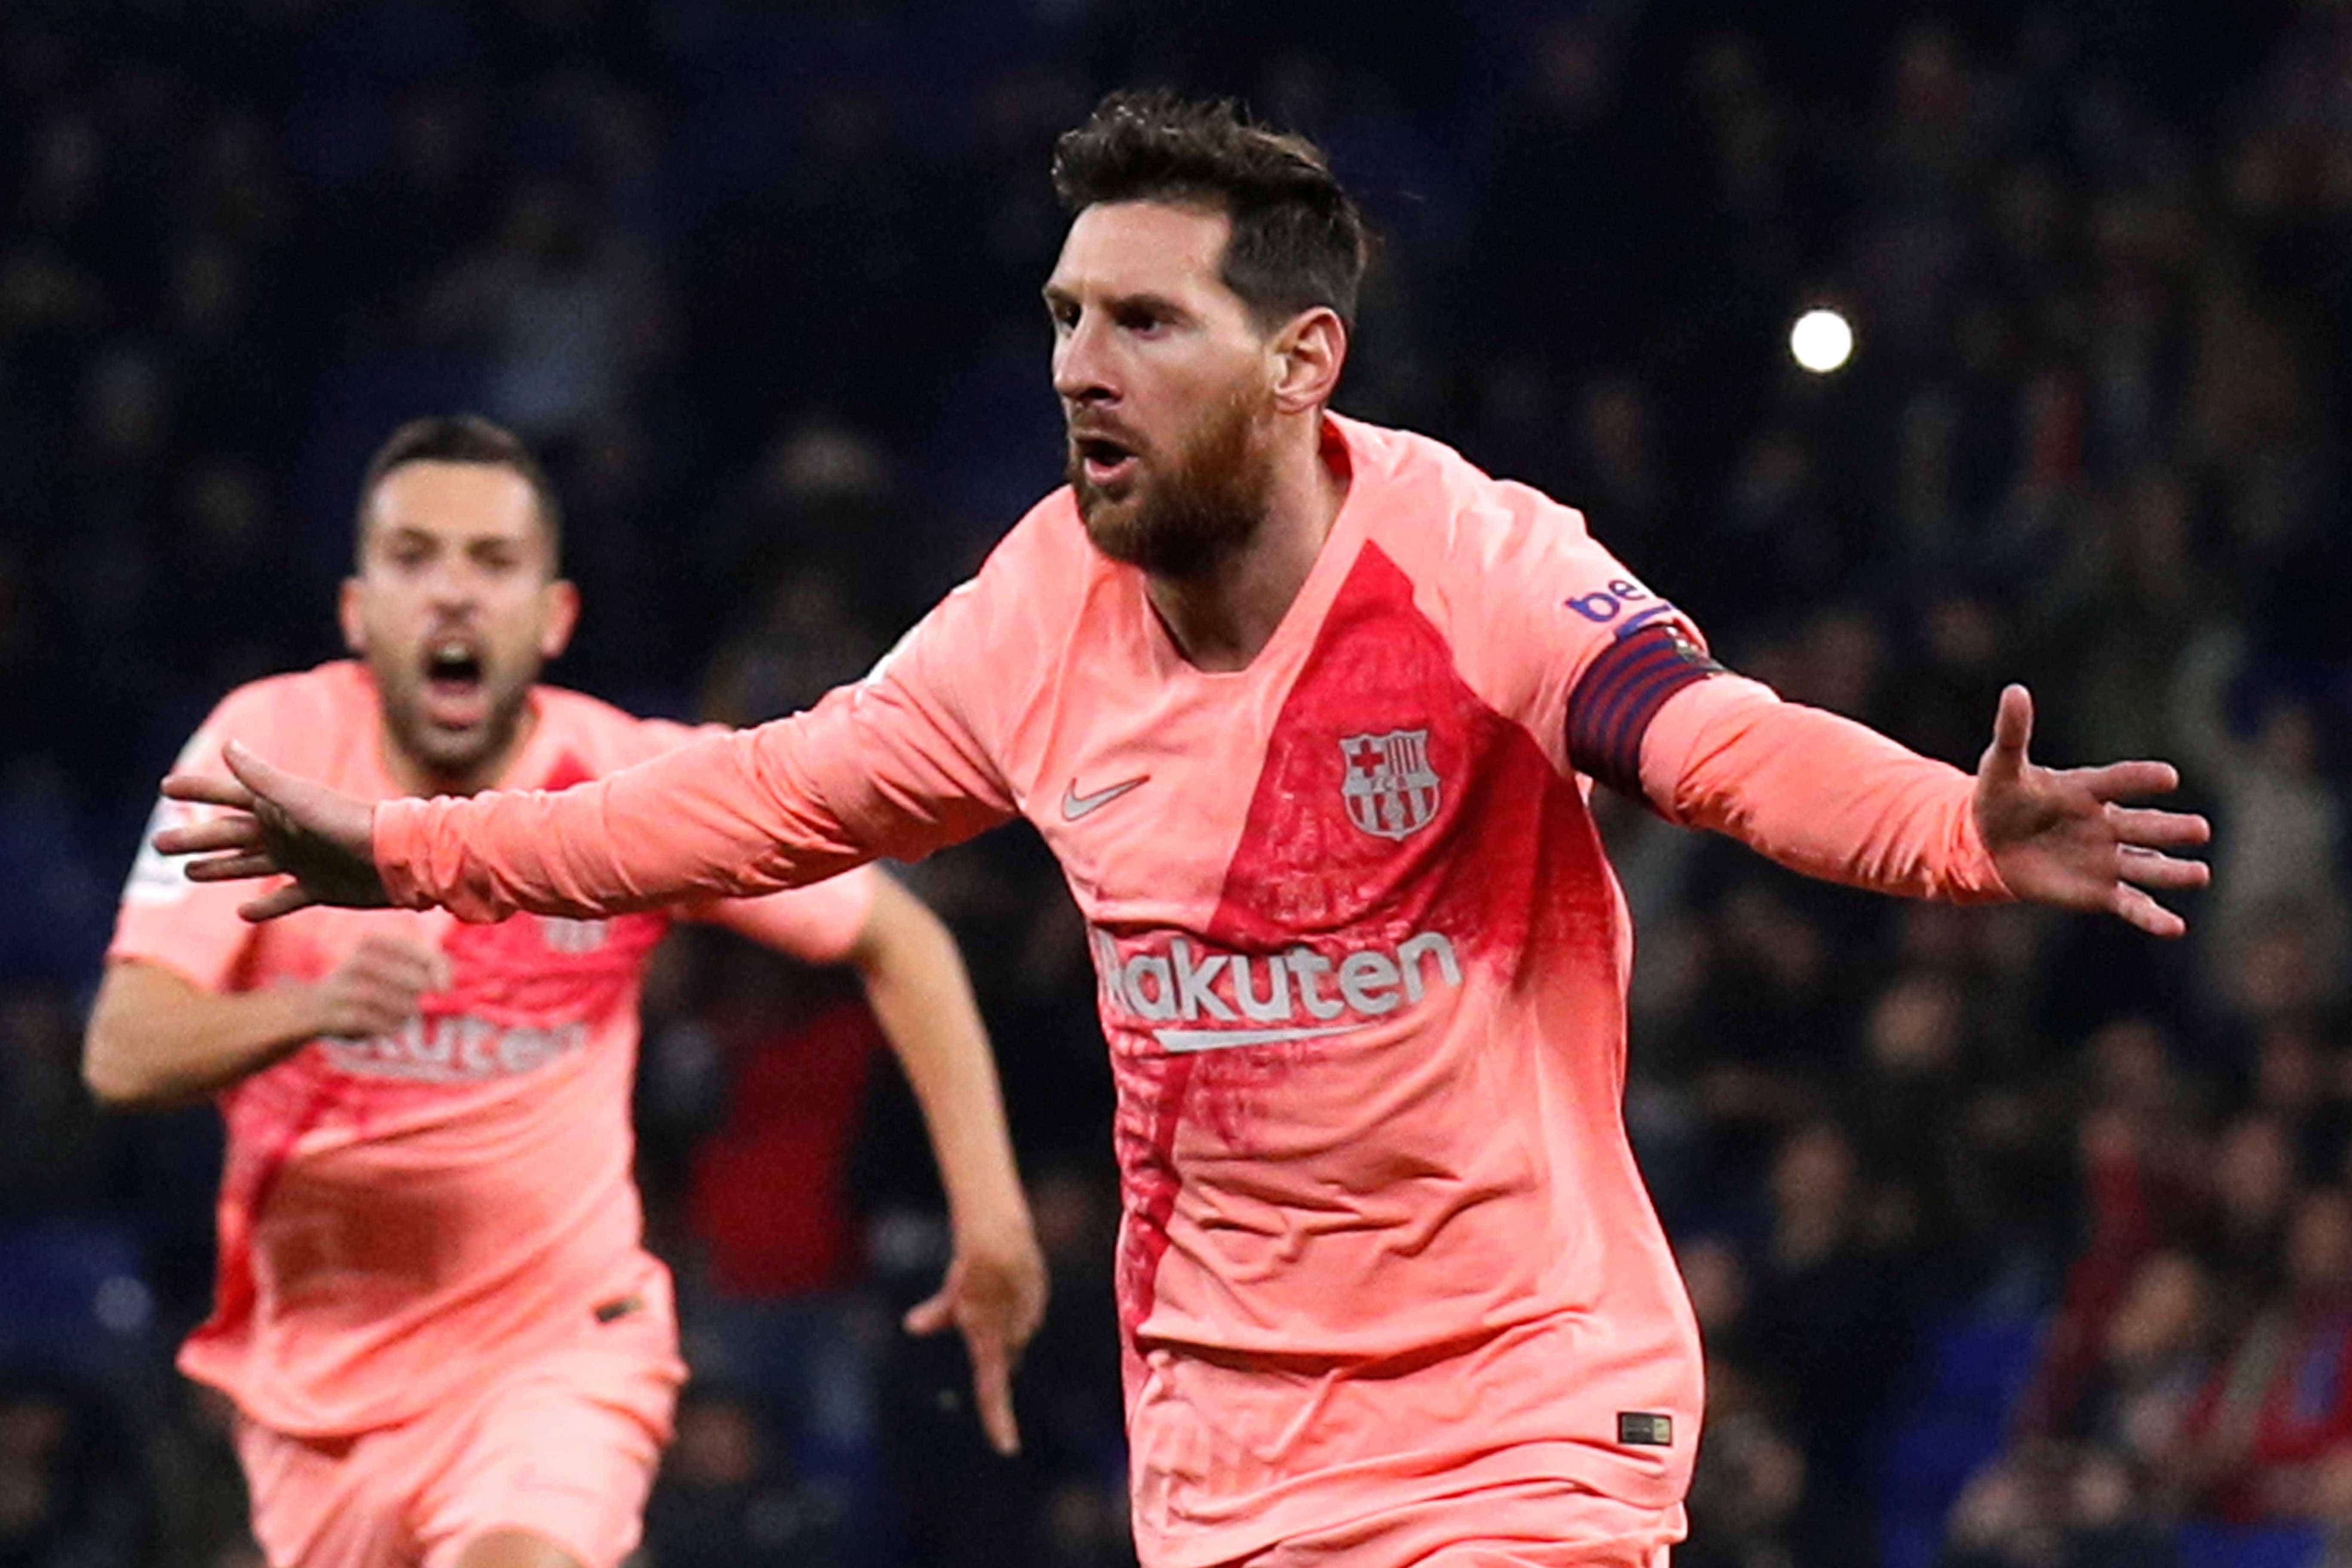 Messi 'calando' Pelé ofusca Boca x River na imprensa espanhola